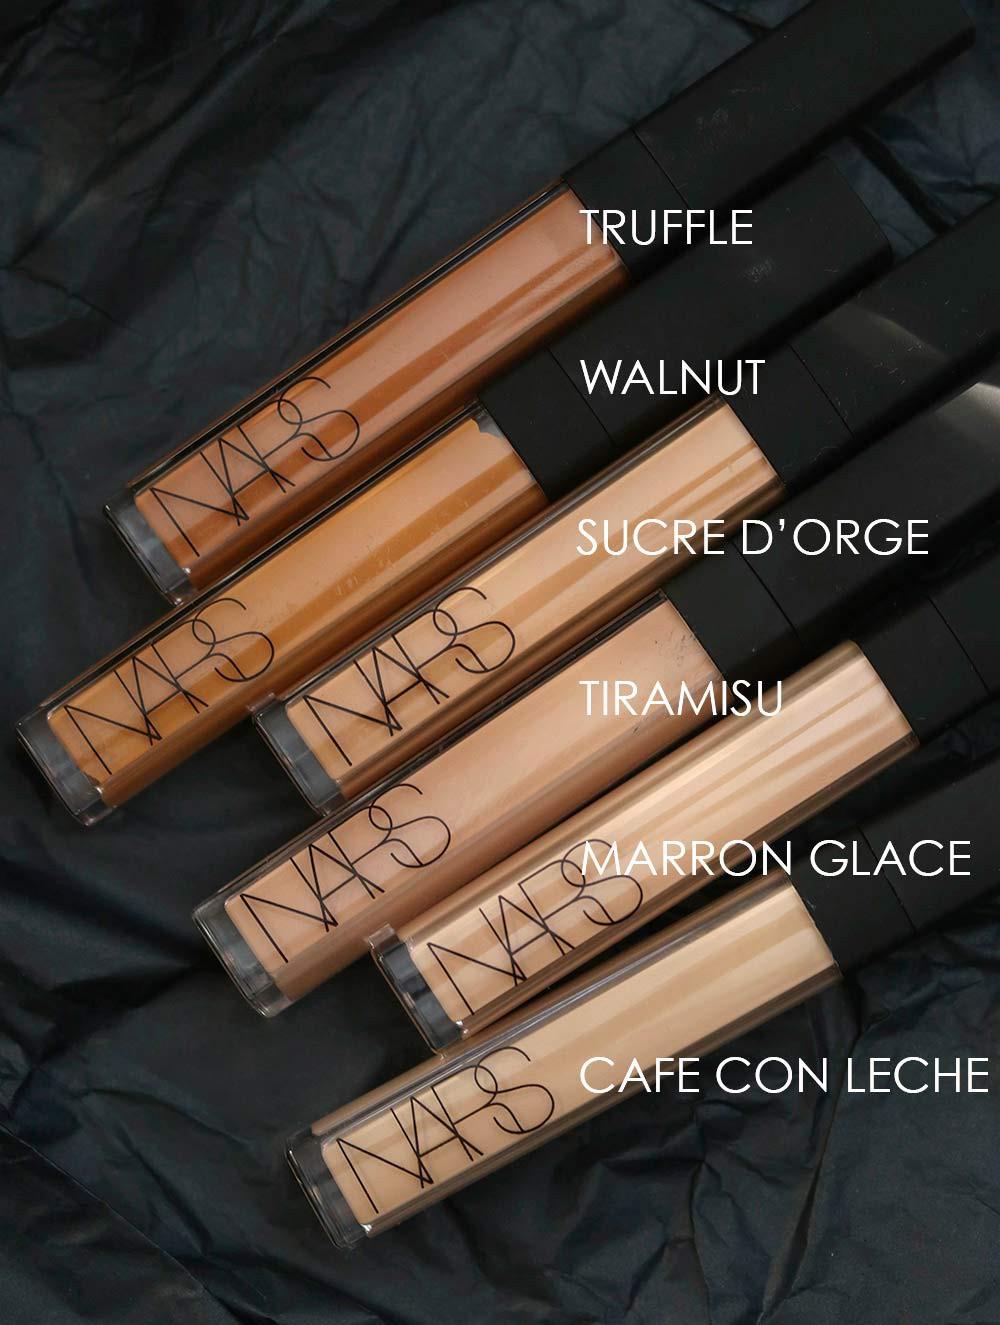 12 sản phẩm làm đẹp bất hủ khiến các beauty editor phải mua đi mua lại liên tục vì chất lượng quá xuất sắc - Ảnh 5.